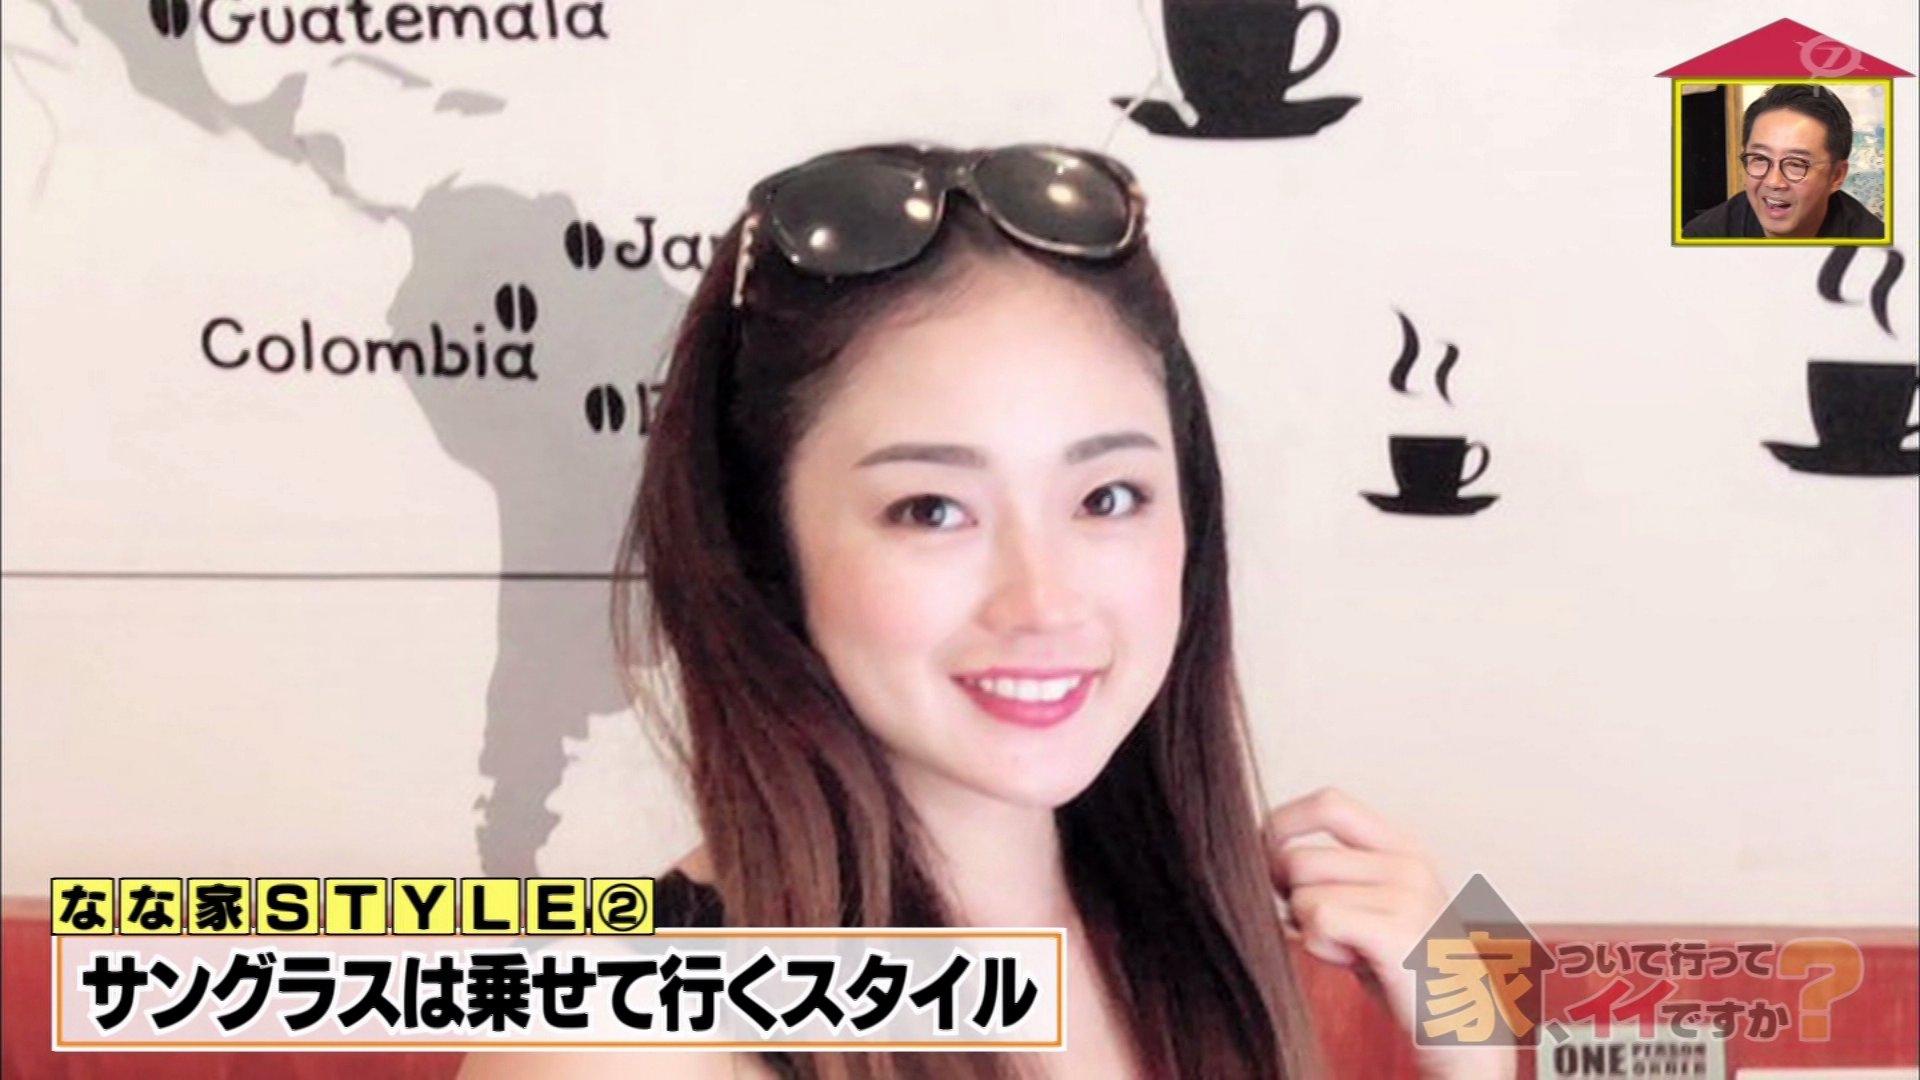 2019年10月9日の「家、ついて行ってイイですか?一見普通そうな人の「衝撃の秘密」2時間SP」に出演した渡辺菜奈さんのテレビキャプチャー画像-061